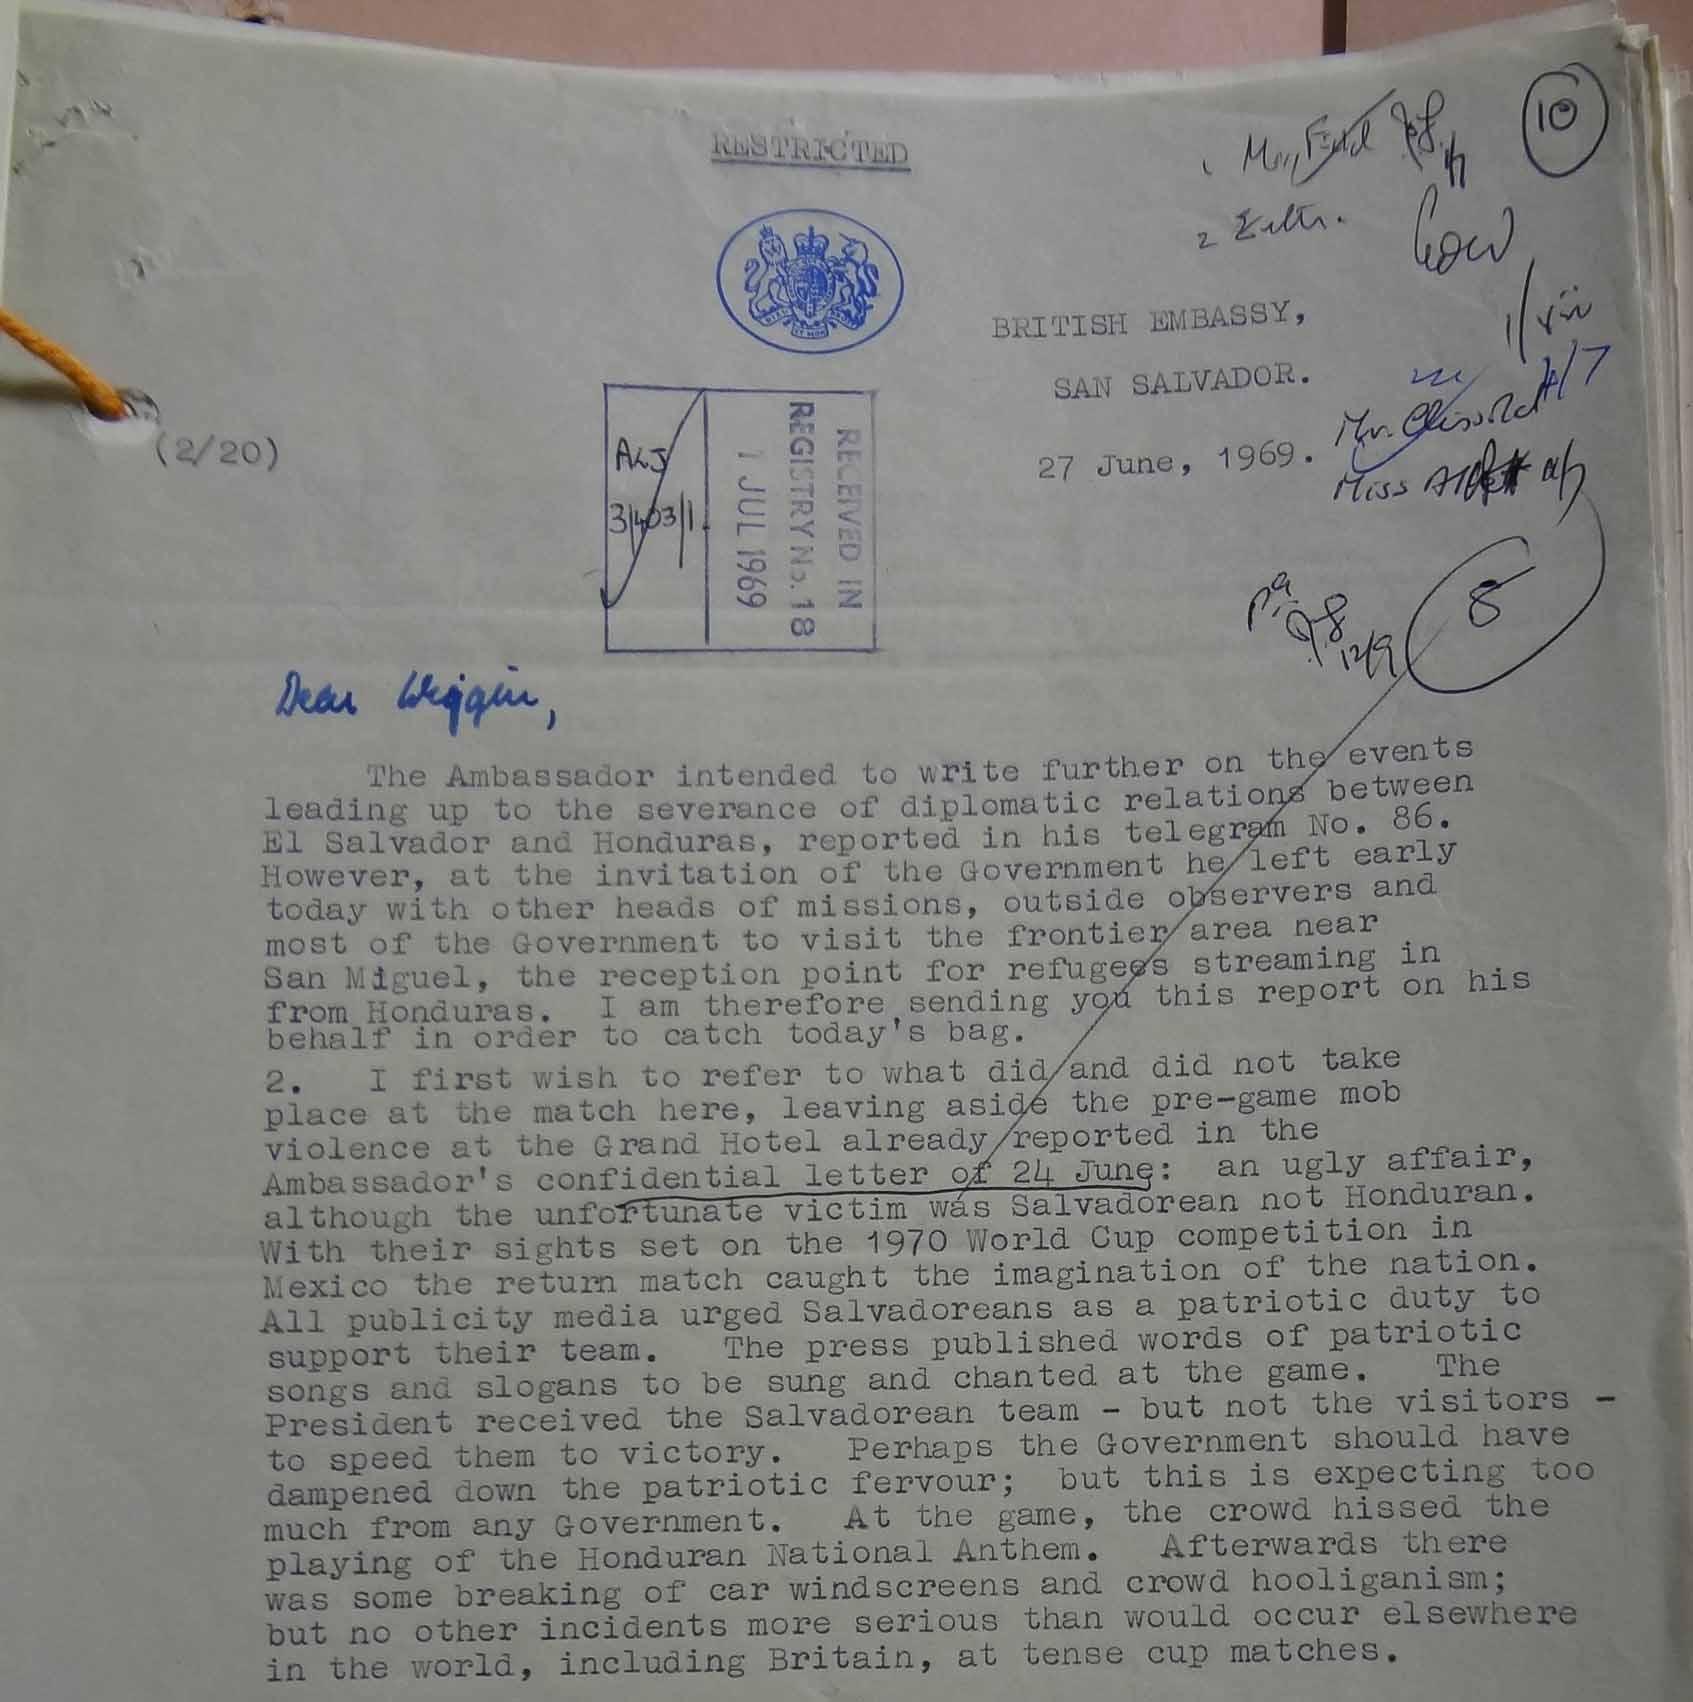 Farrar to Wiggin, 27 June 1969 (catalogue reference: FCO 7/1210)